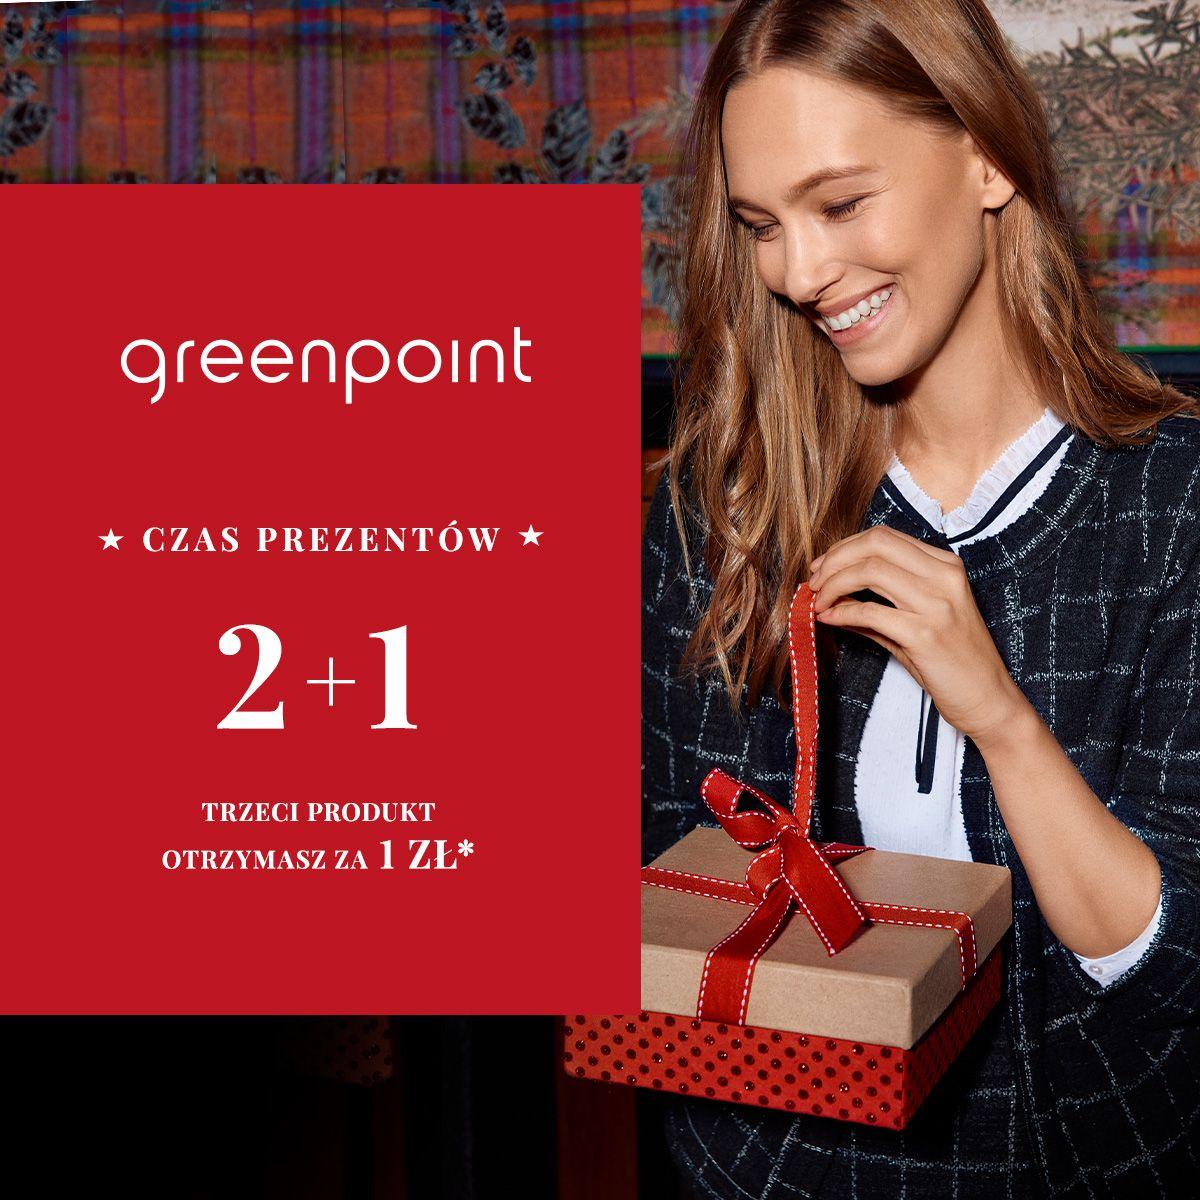 Świąteczna promocja w Salonie Greenpoint